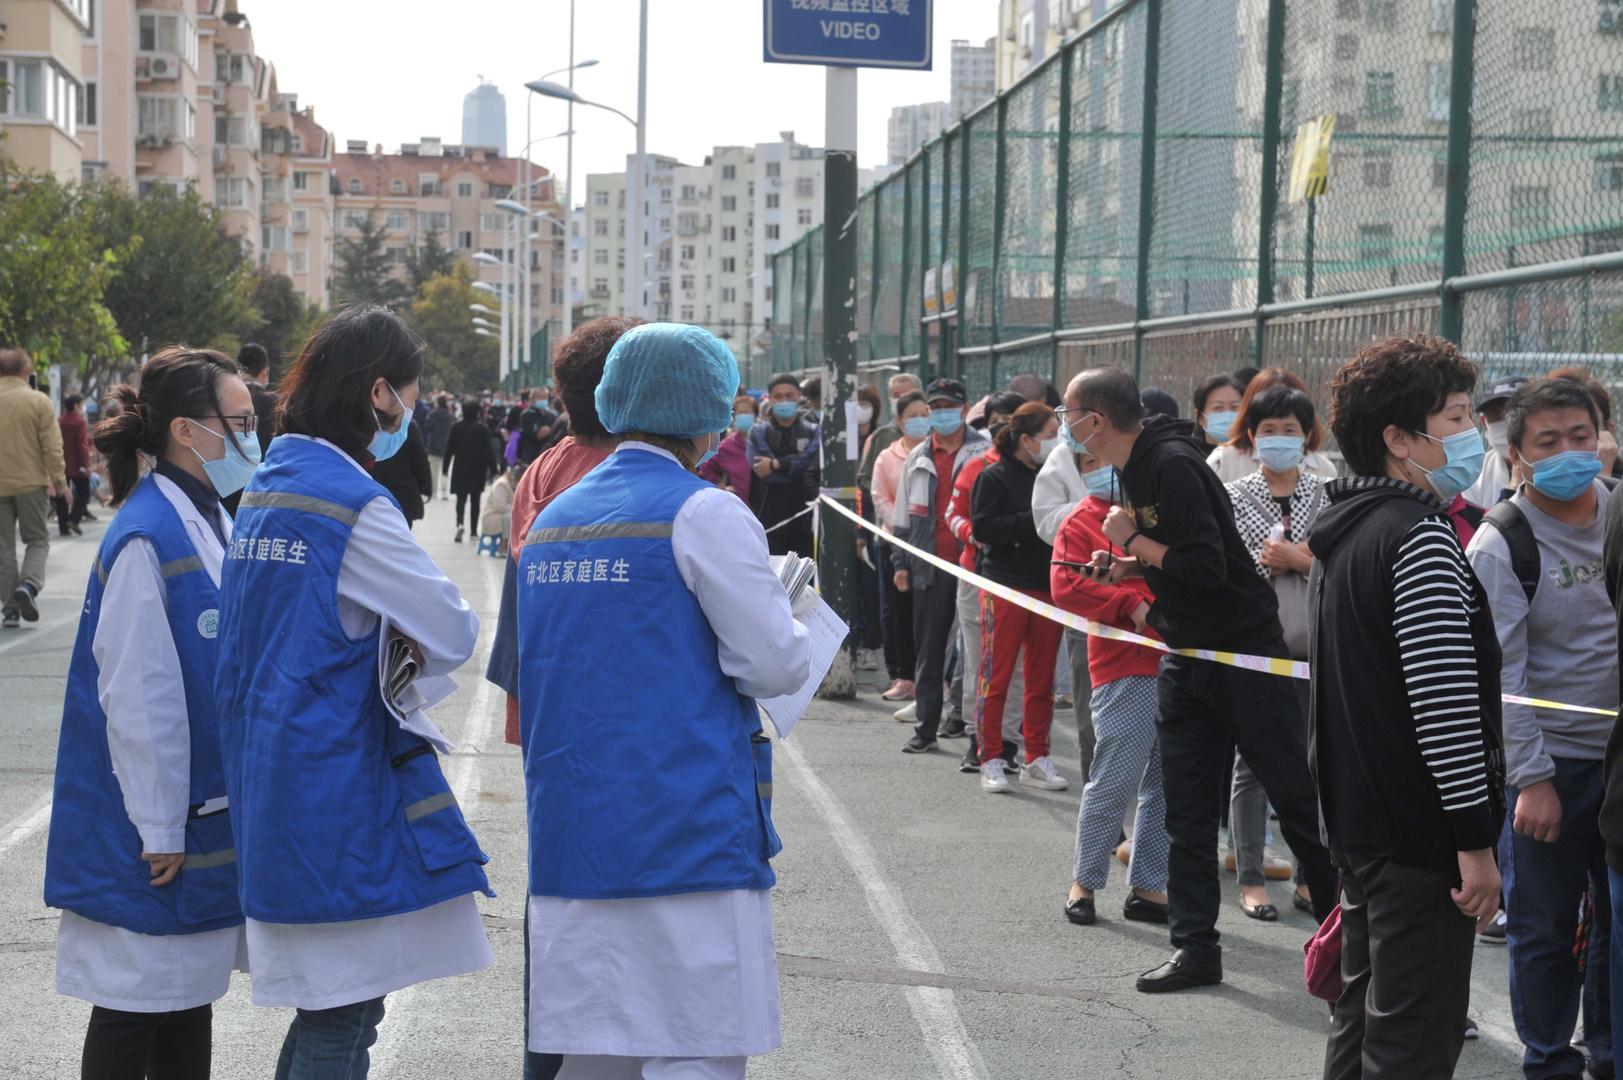 الصين تفحص أكثر من 9 ملايين شخص بعد اكتشاف 6 إصابات بكوفيد-19